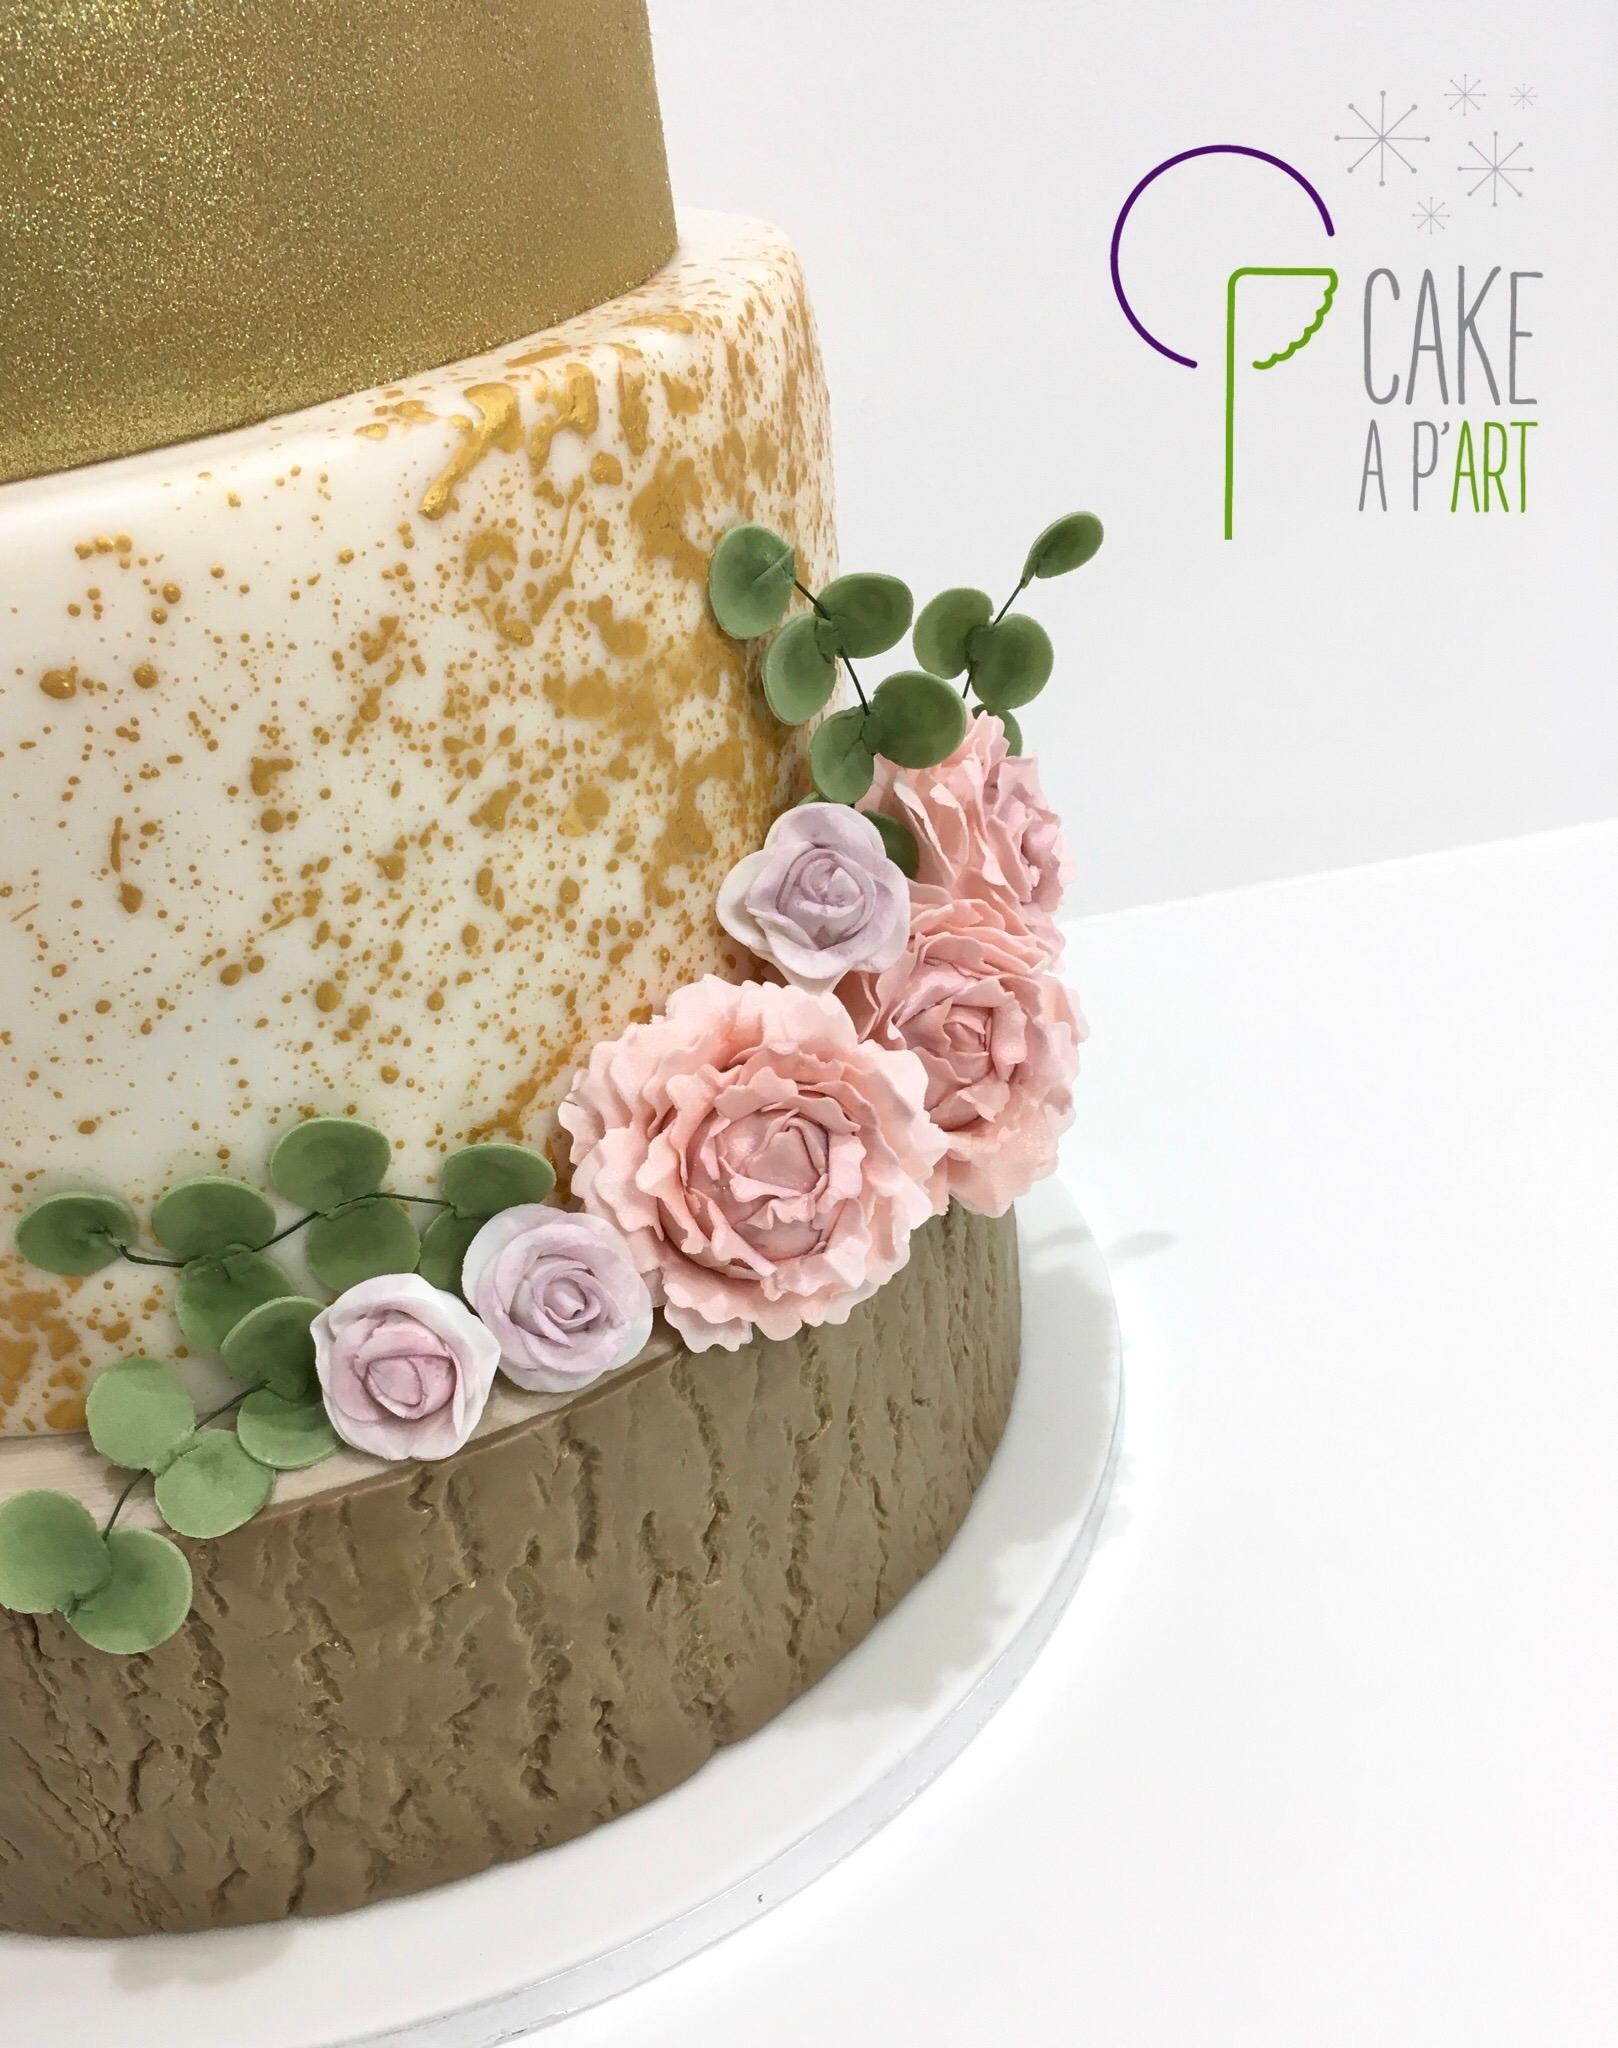 Décor en sucre gâteaux personnalisés - Mariage fleurs Pivoines roses eucalyptus